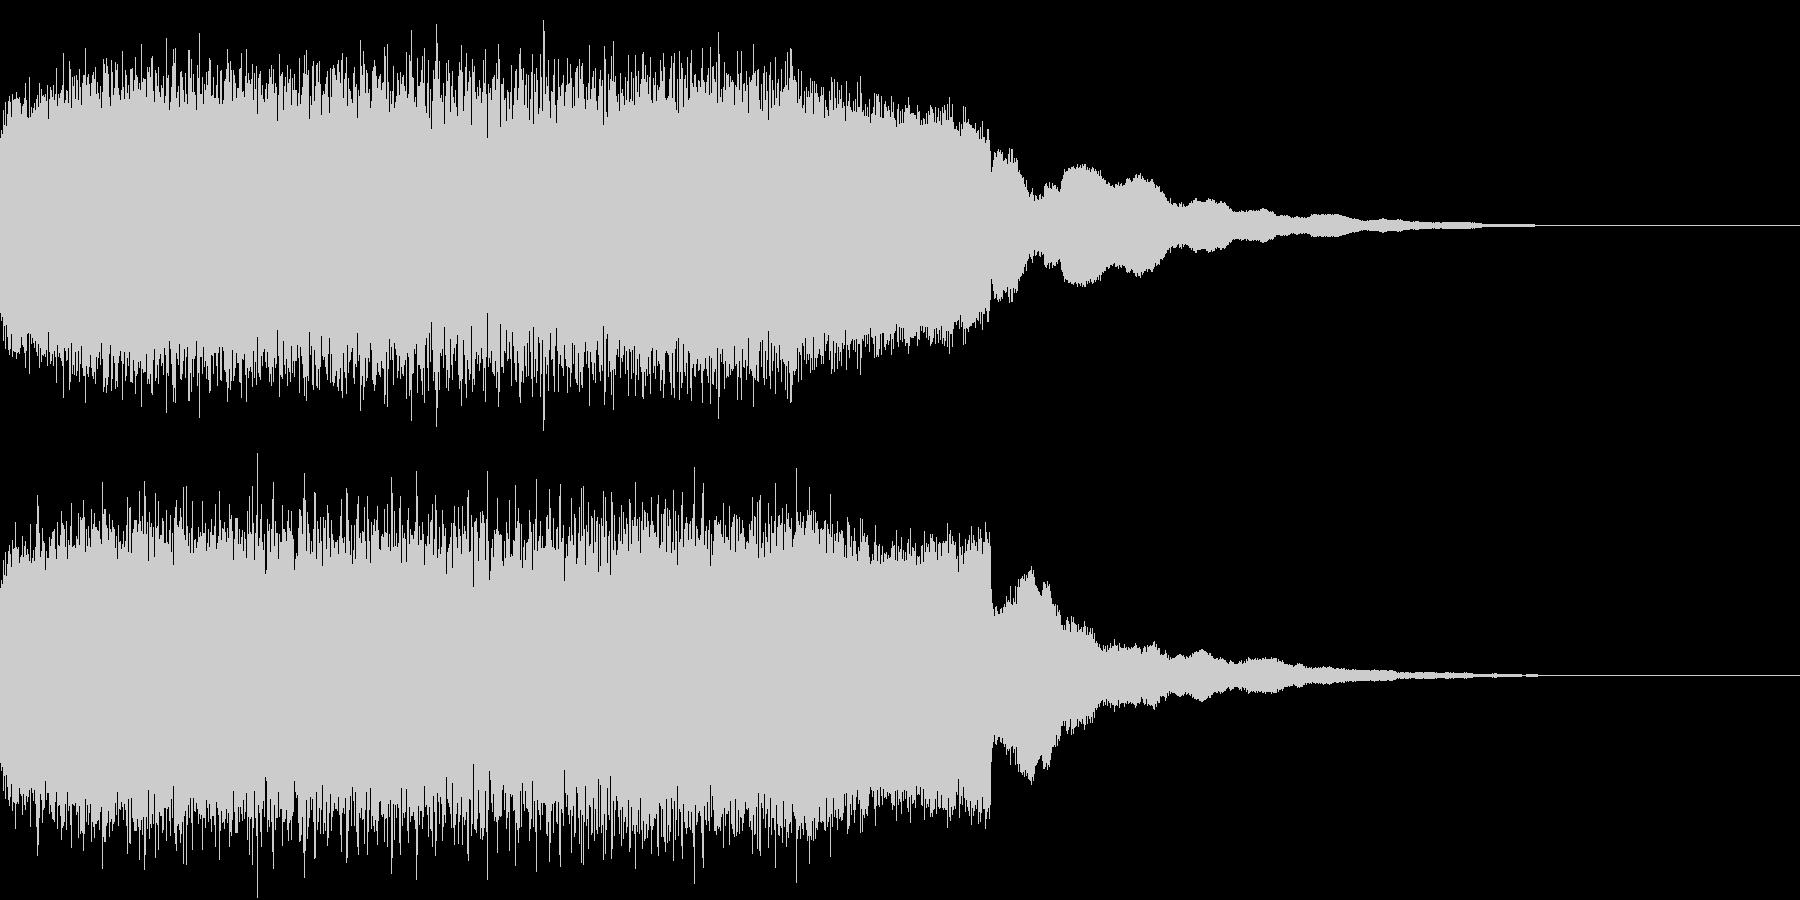 キュイン キュイーン ビーム キーン 3の未再生の波形